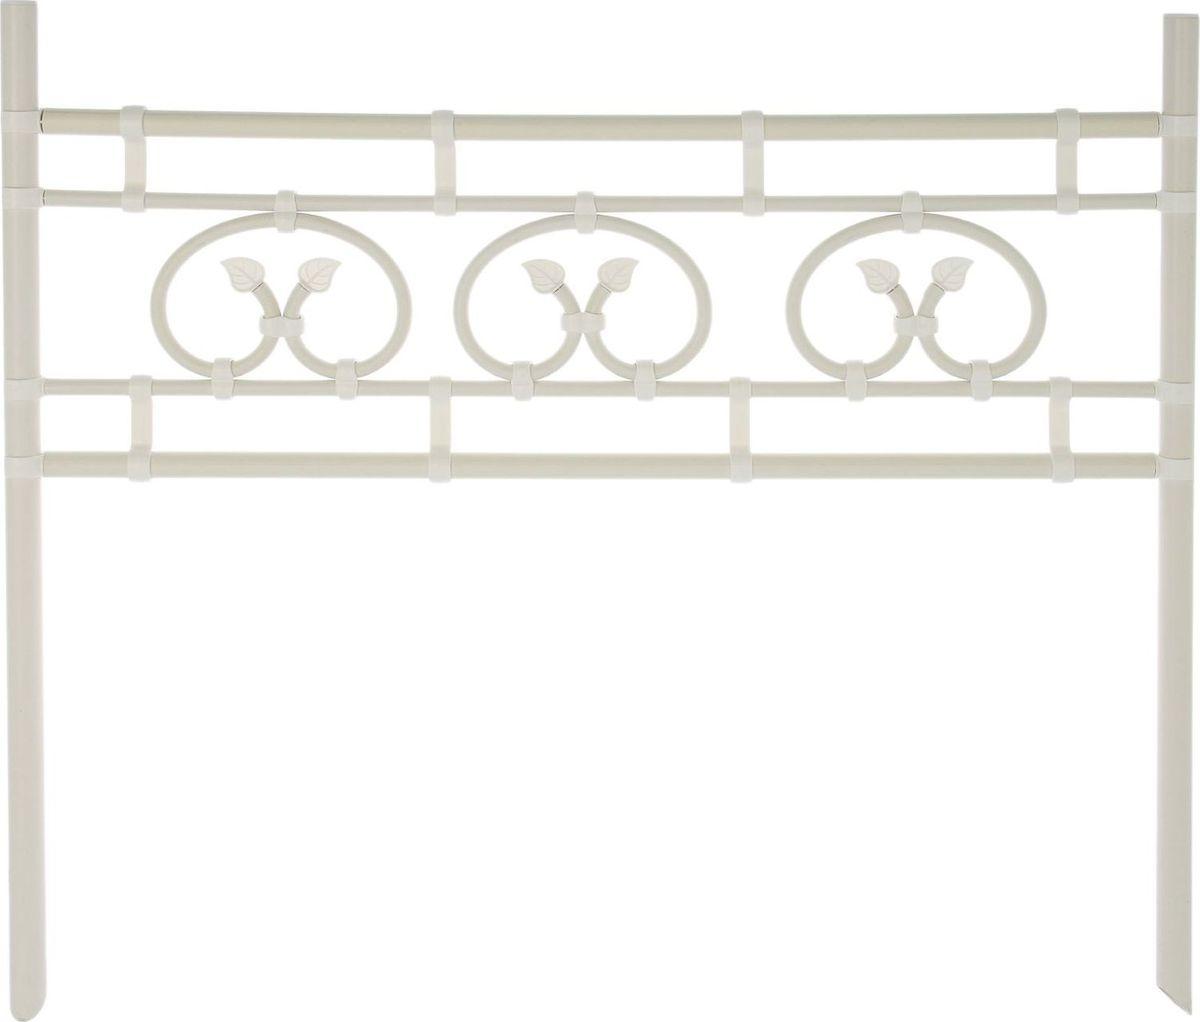 Ограждение садовое декоративное ГарденПласт  Итака , 1 секция, цвет: белый, 35 х 108 см - Садовый декор